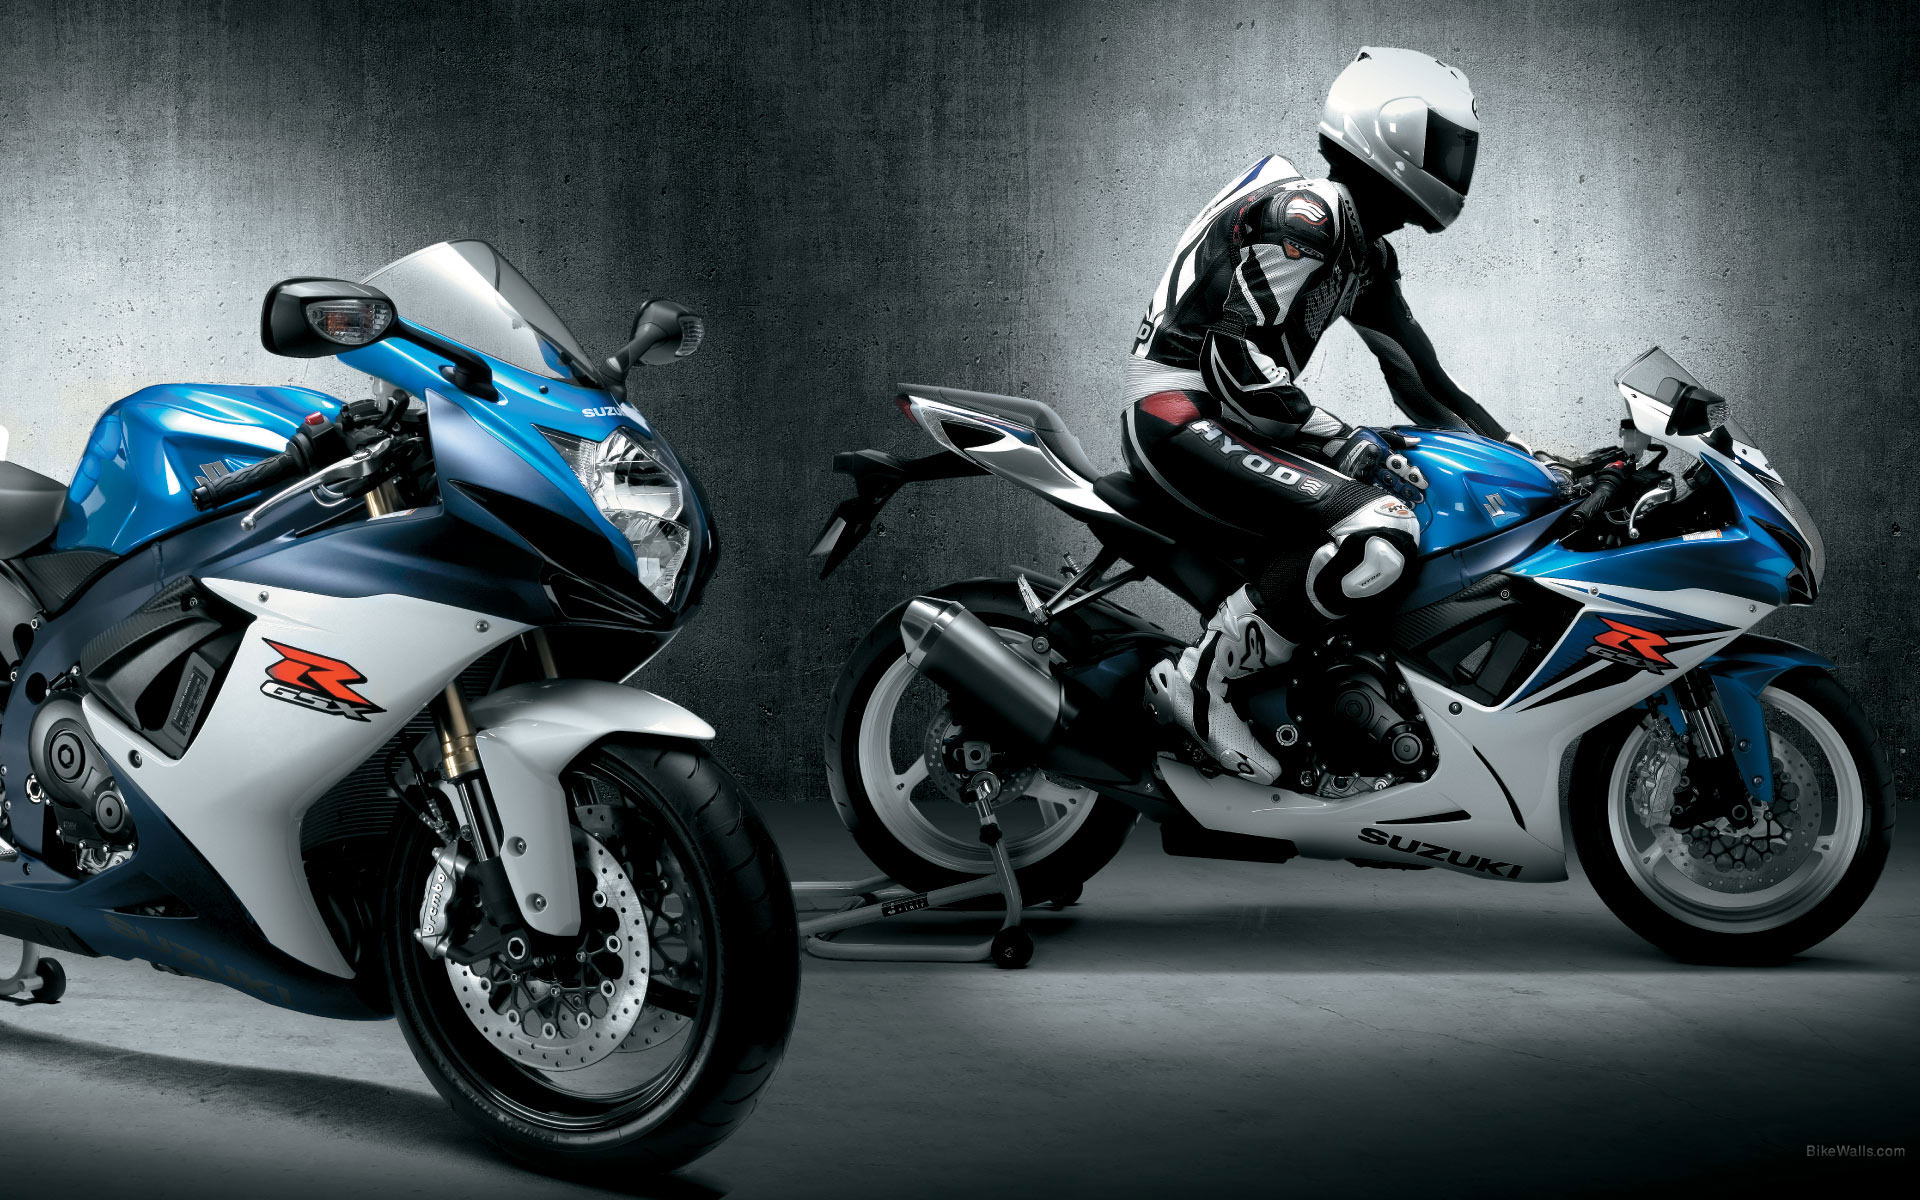 Suzuki Gsx R 600 wallpaper   393102 1920x1200